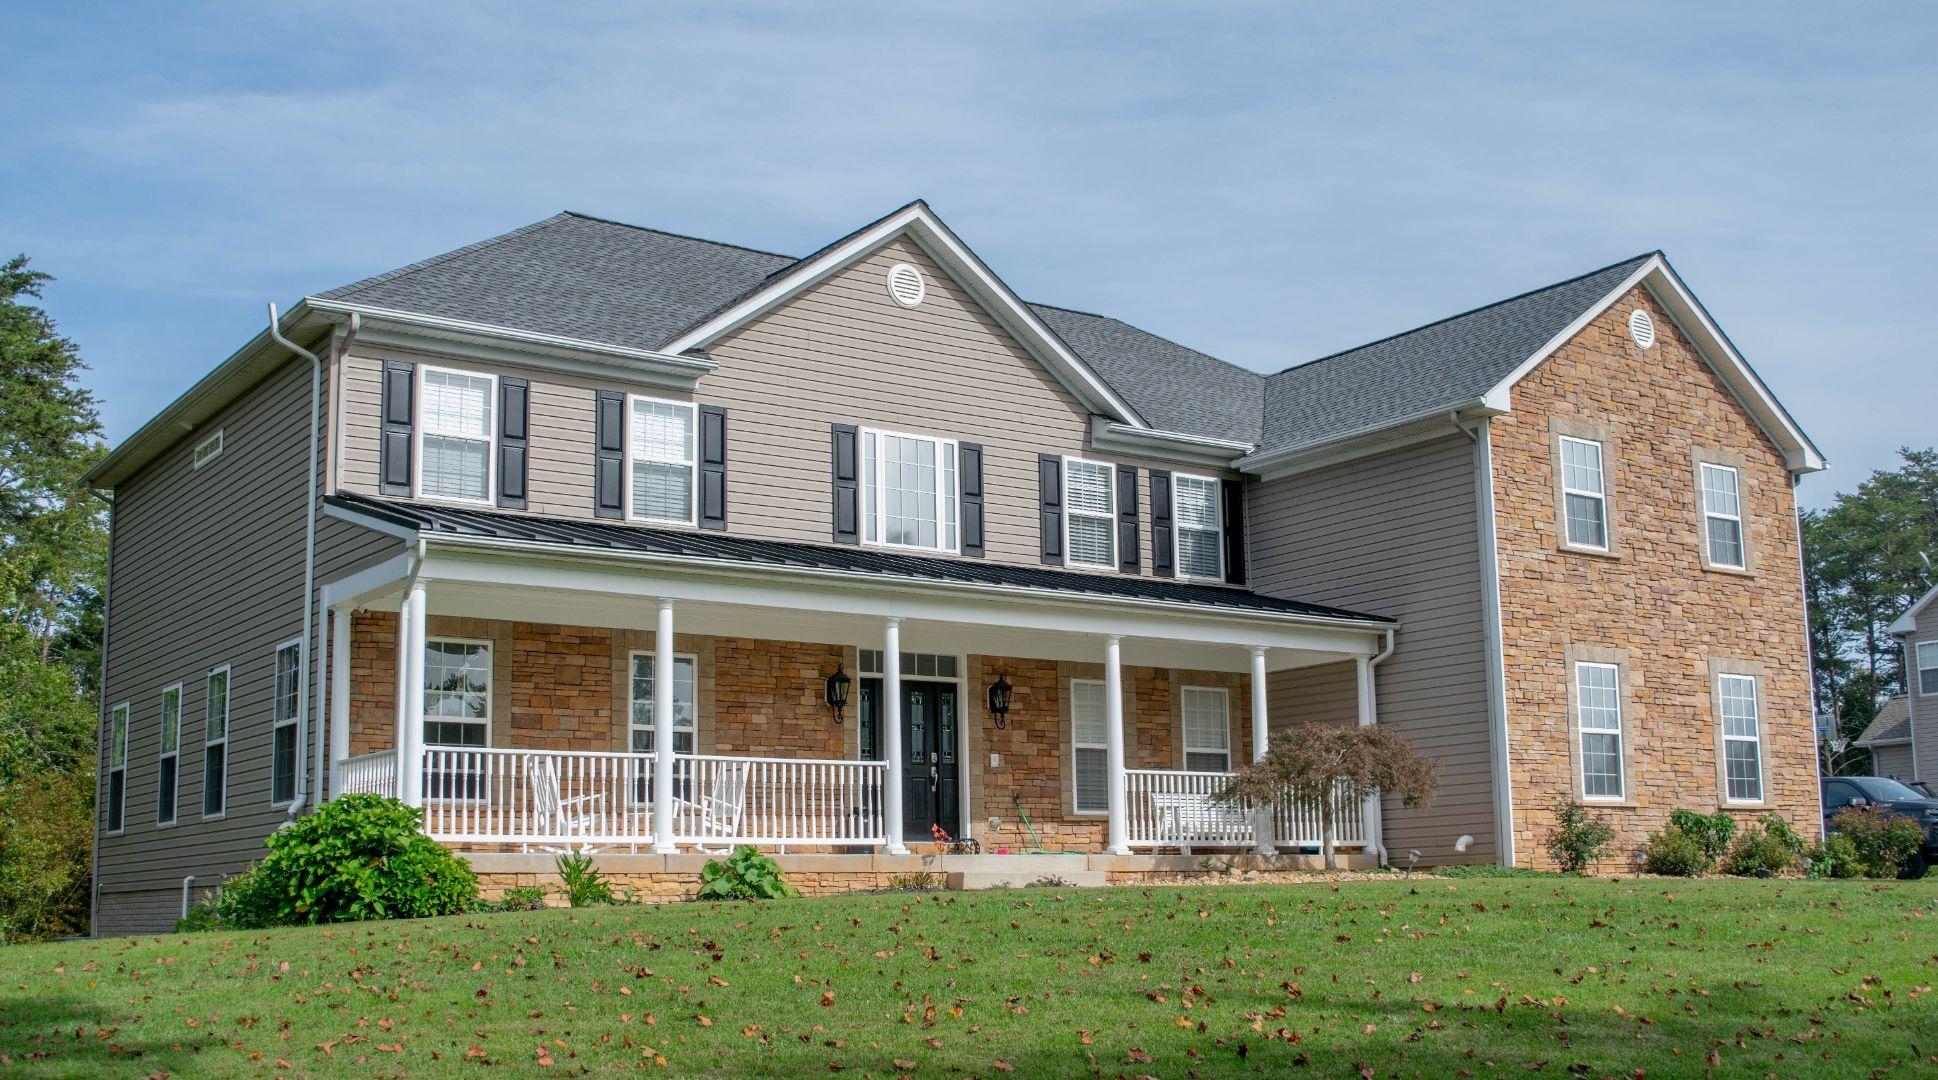 SmartRoof - Residential, Commercial Wilmington DE Roofing Contractors